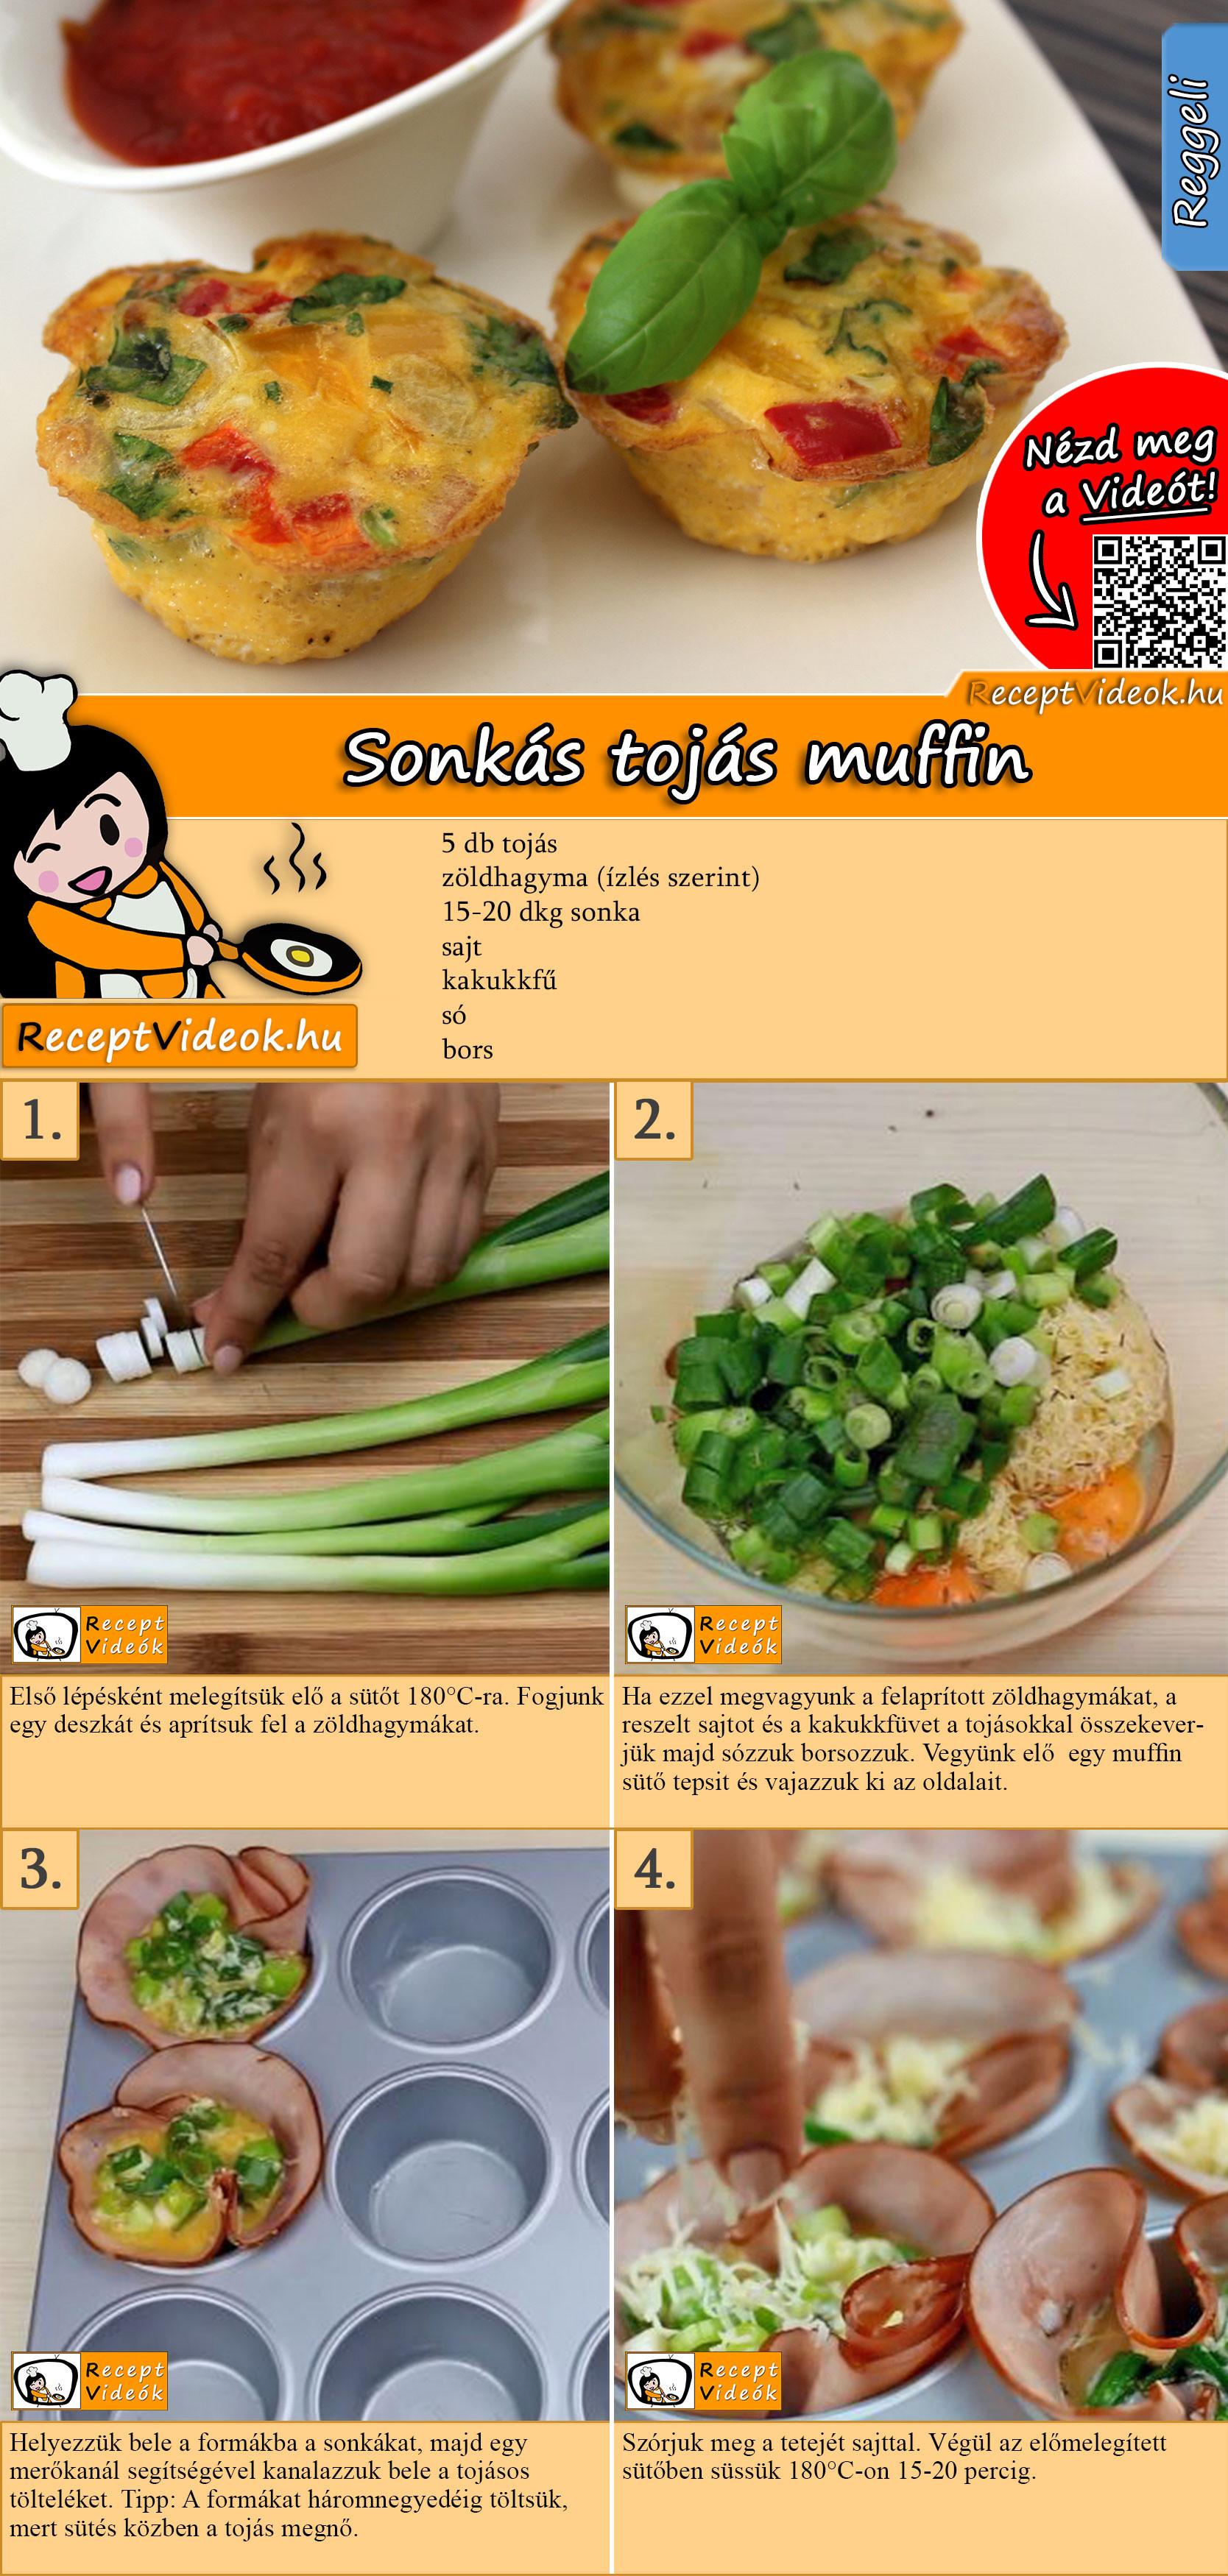 Sonkás tojás muffin recept elkészítése videóval